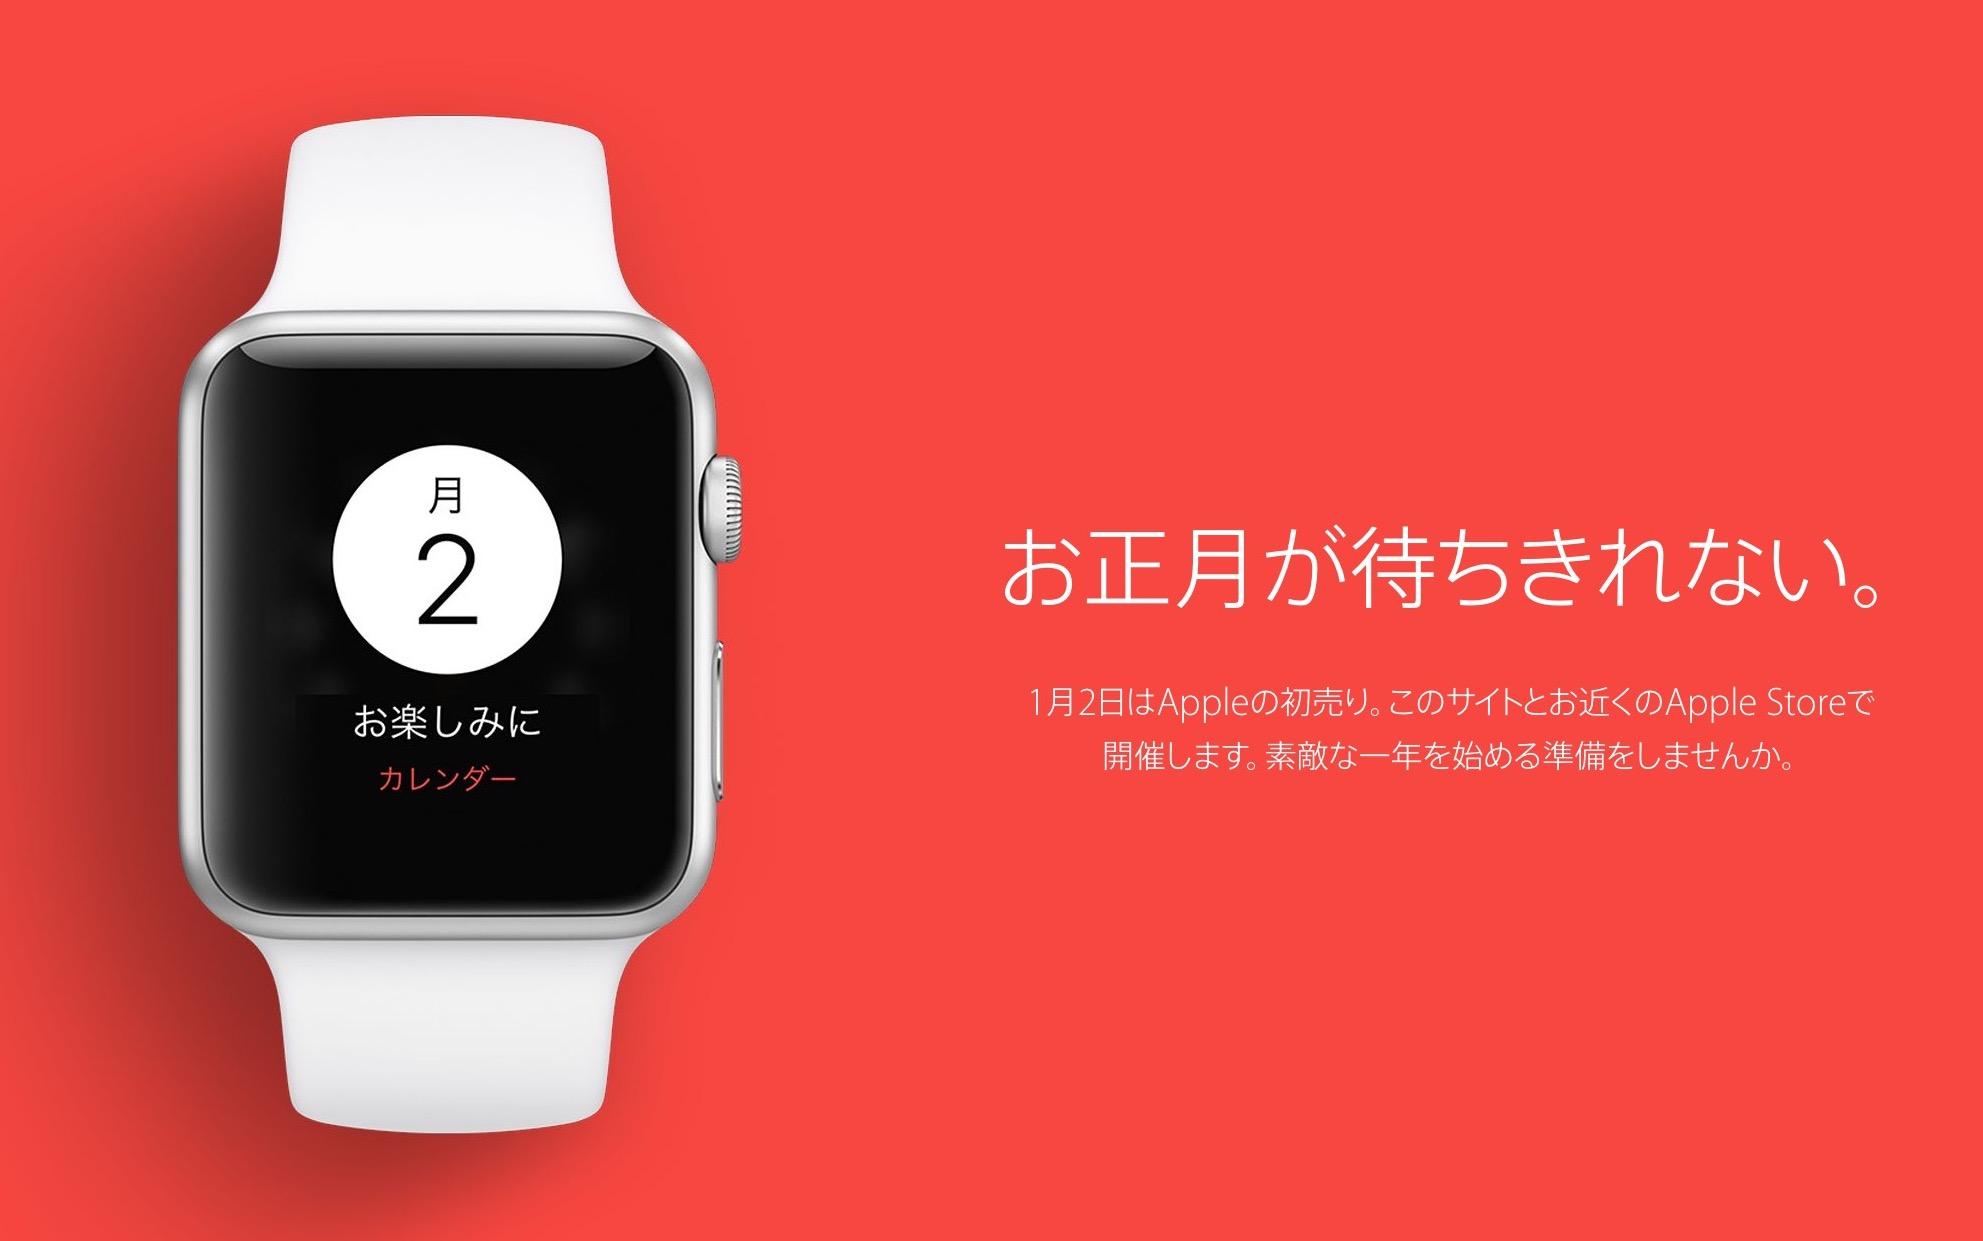 アップル、1月2日に初売りを開催〜Apple Store「何も案内できることはない」